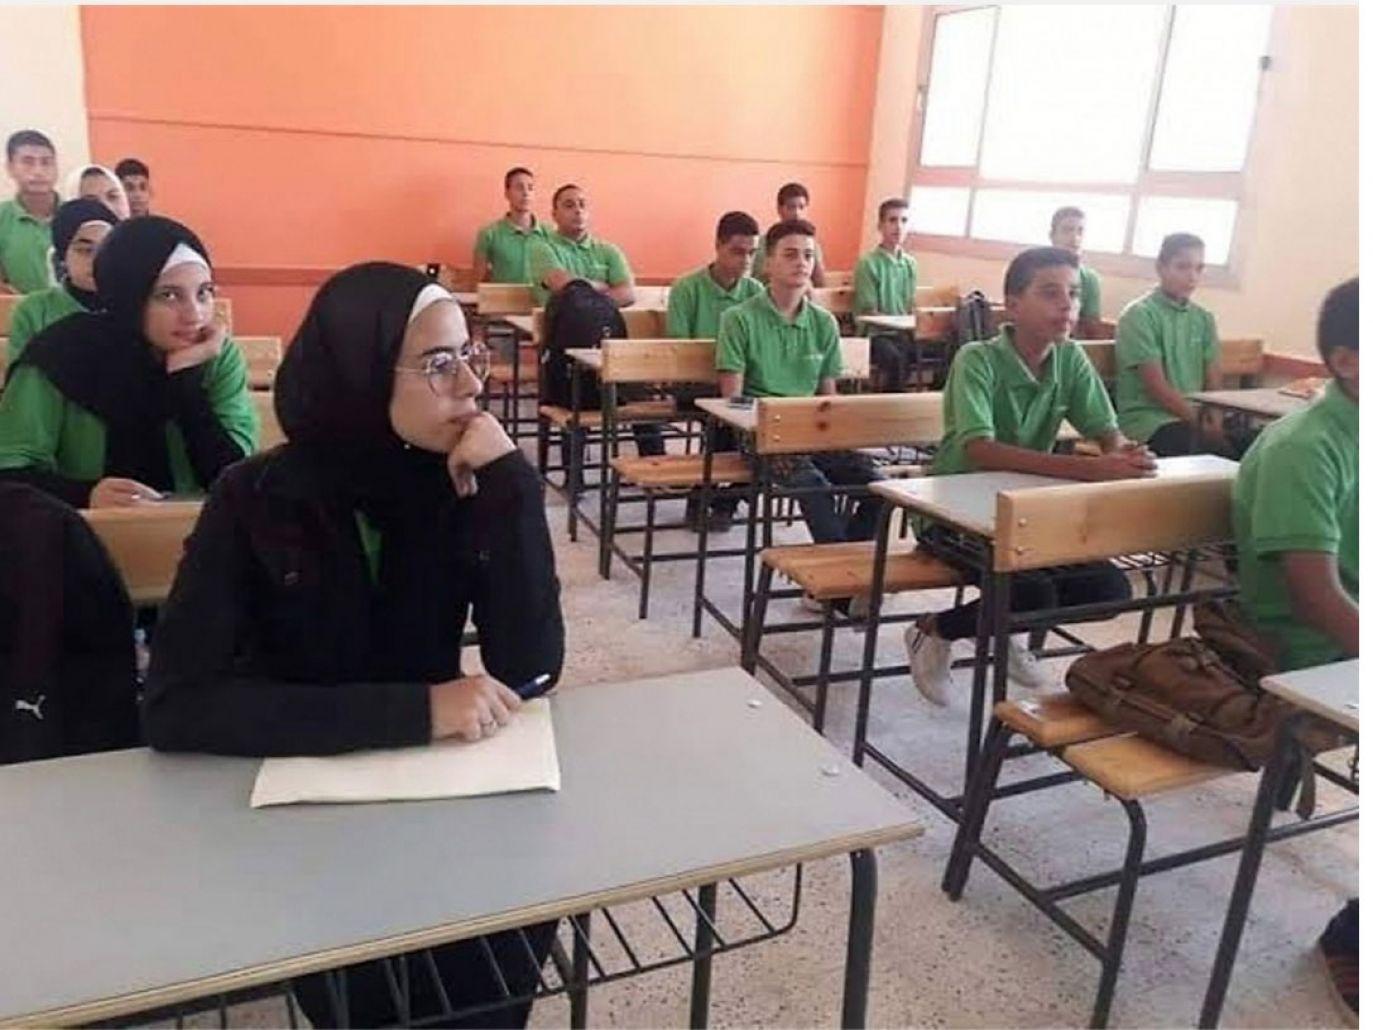 بالشهادة الإعدادية.. مدرسة إلكترو مصر الأولى في الصيانة الكهربائية باعتماد فرنسي وشروط القبول 3